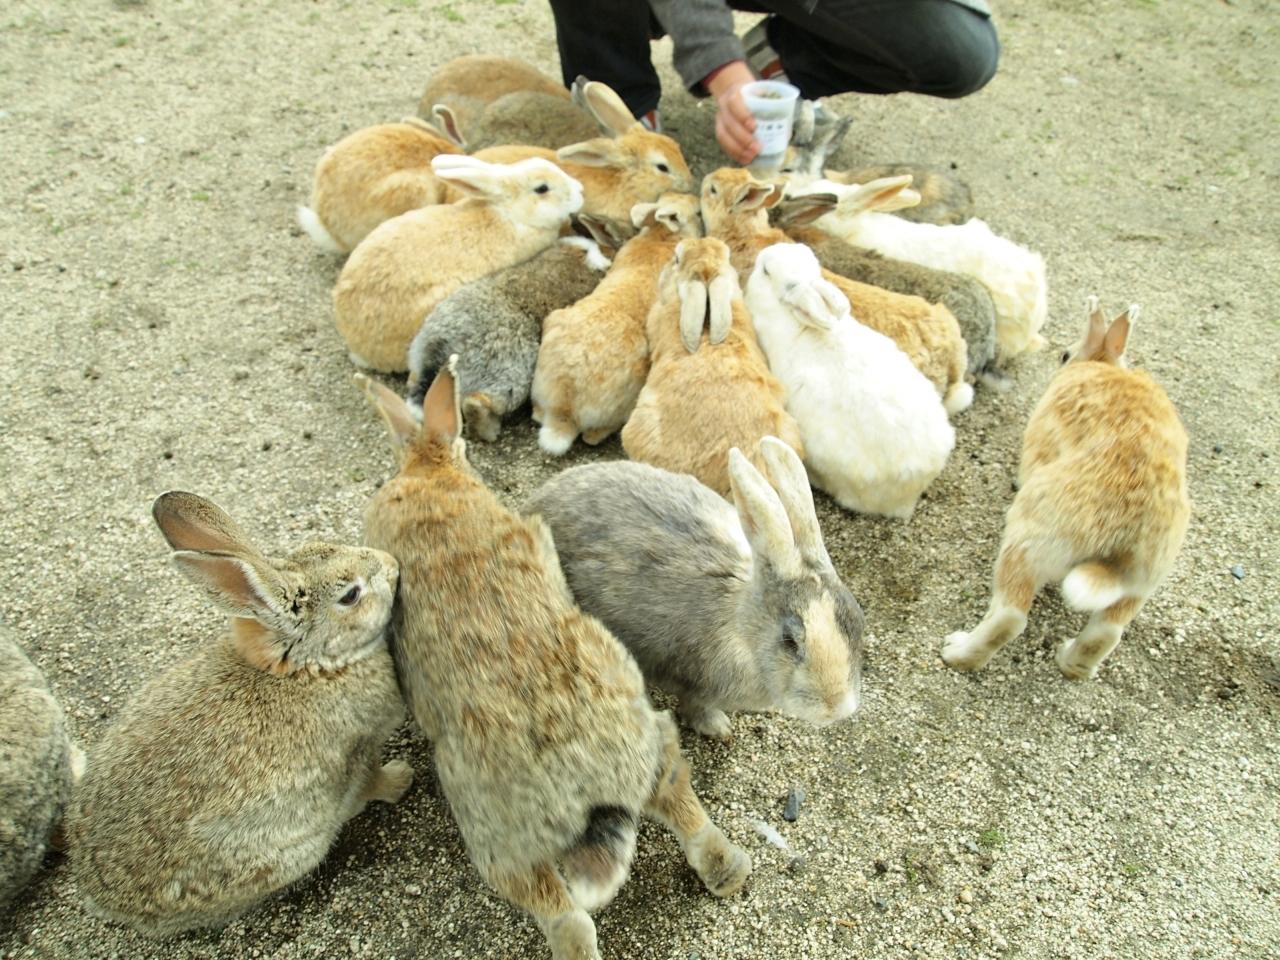 สามารถให้อาหารสัตว์บน เกาะกระต่าย Okunoshima ได้